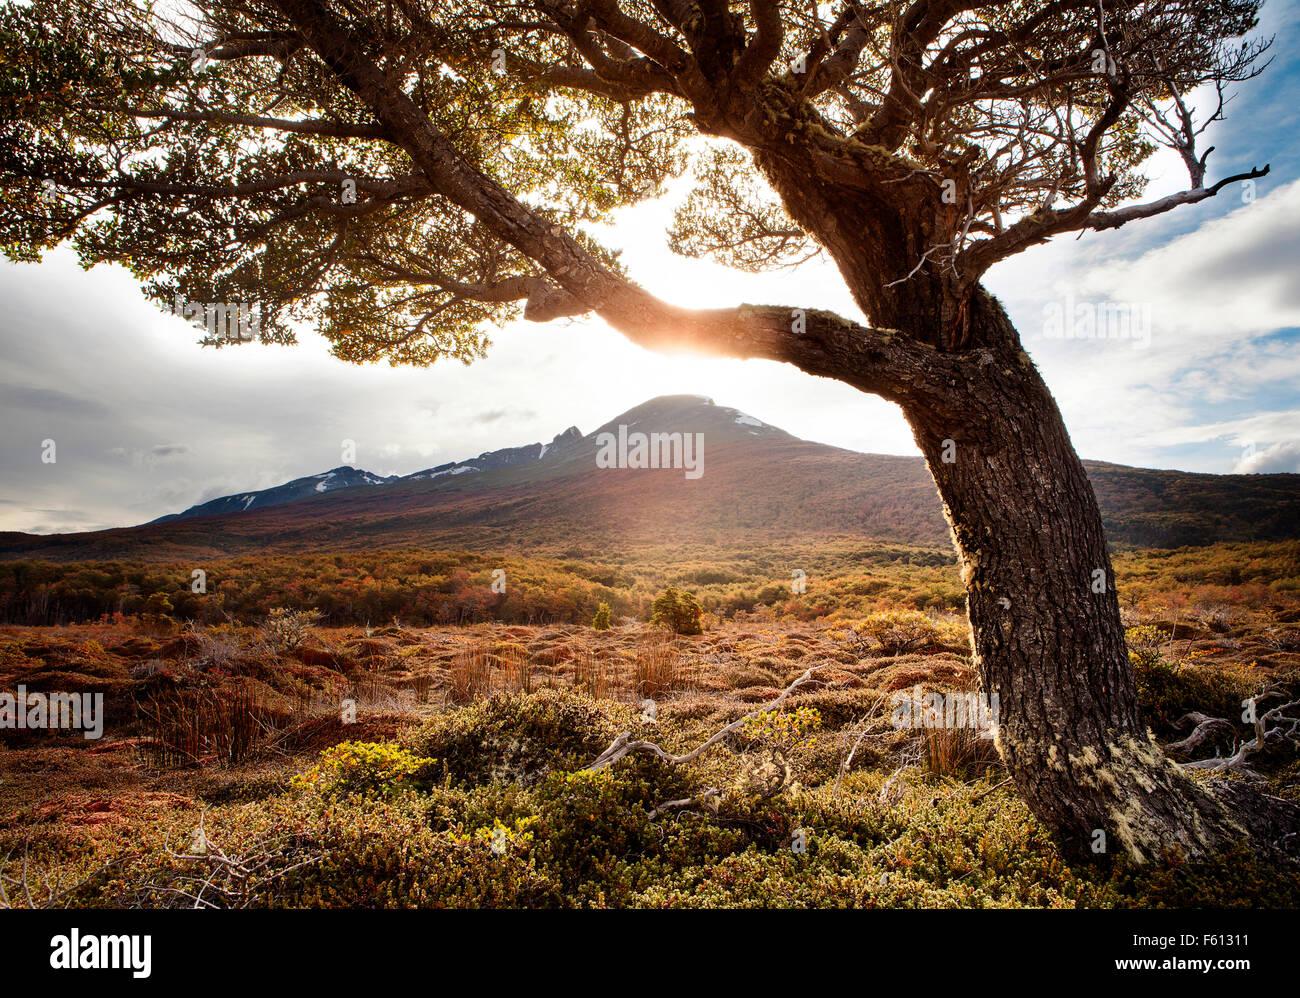 Unico albero nella parte anteriore della montagna, Archipielago Cormoranes, Tierra del Fuego National Park, Argentina Immagini Stock